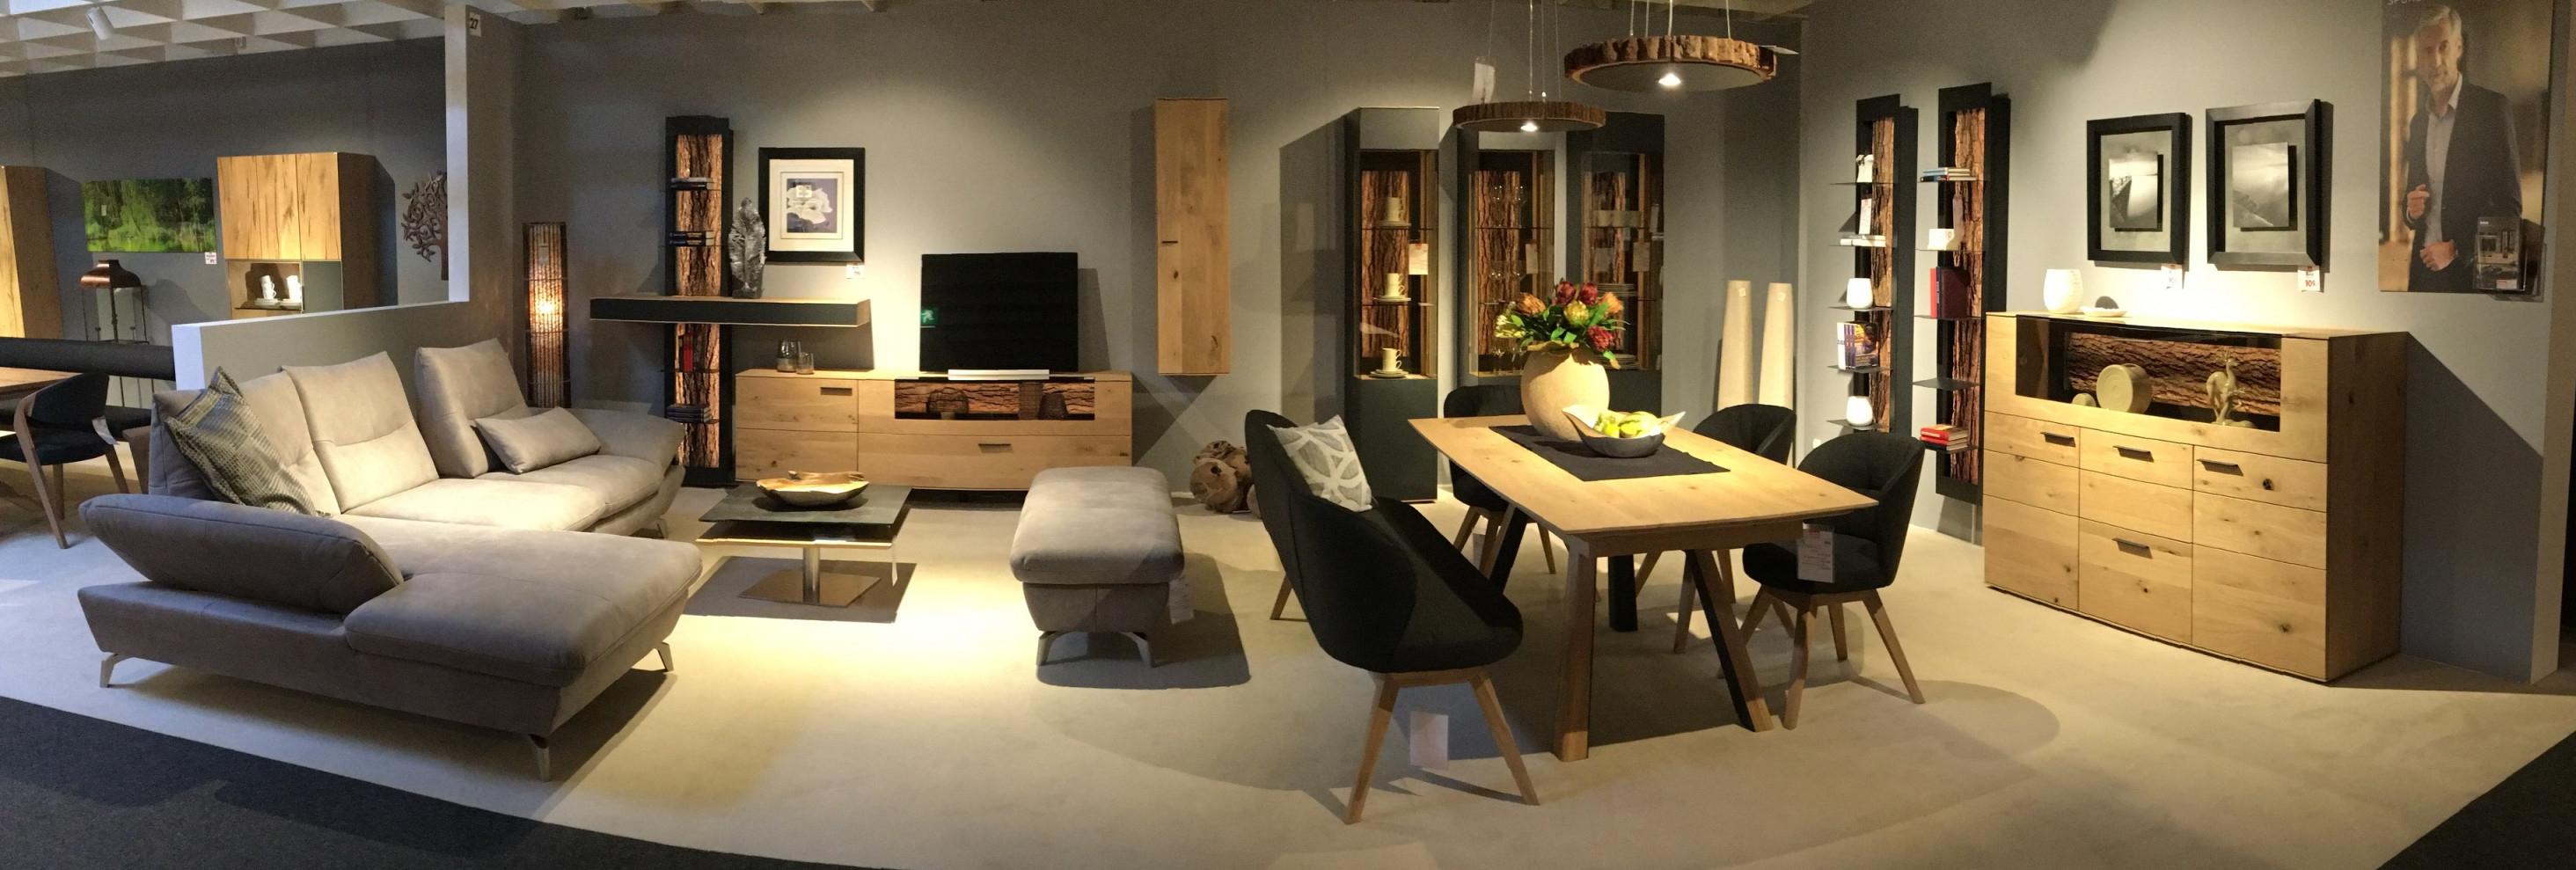 Möbel Für Ihr Wohnzimmer  Möbel Graf von Bilder Vom Wohnzimmer Bild